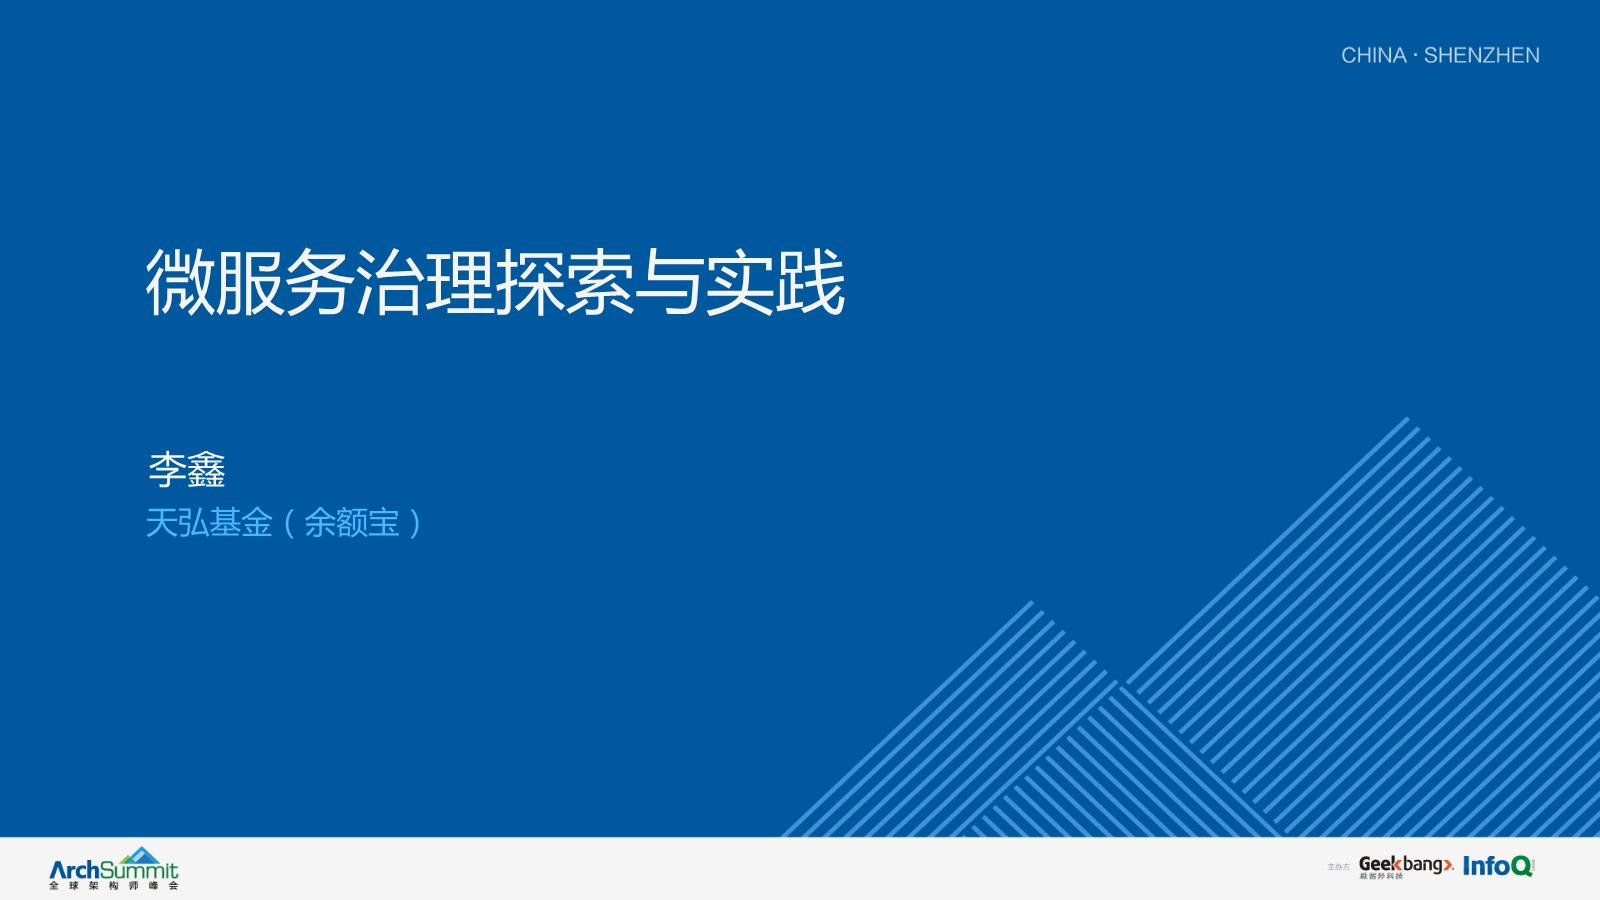 李鑫-微服务治理的探索与实践